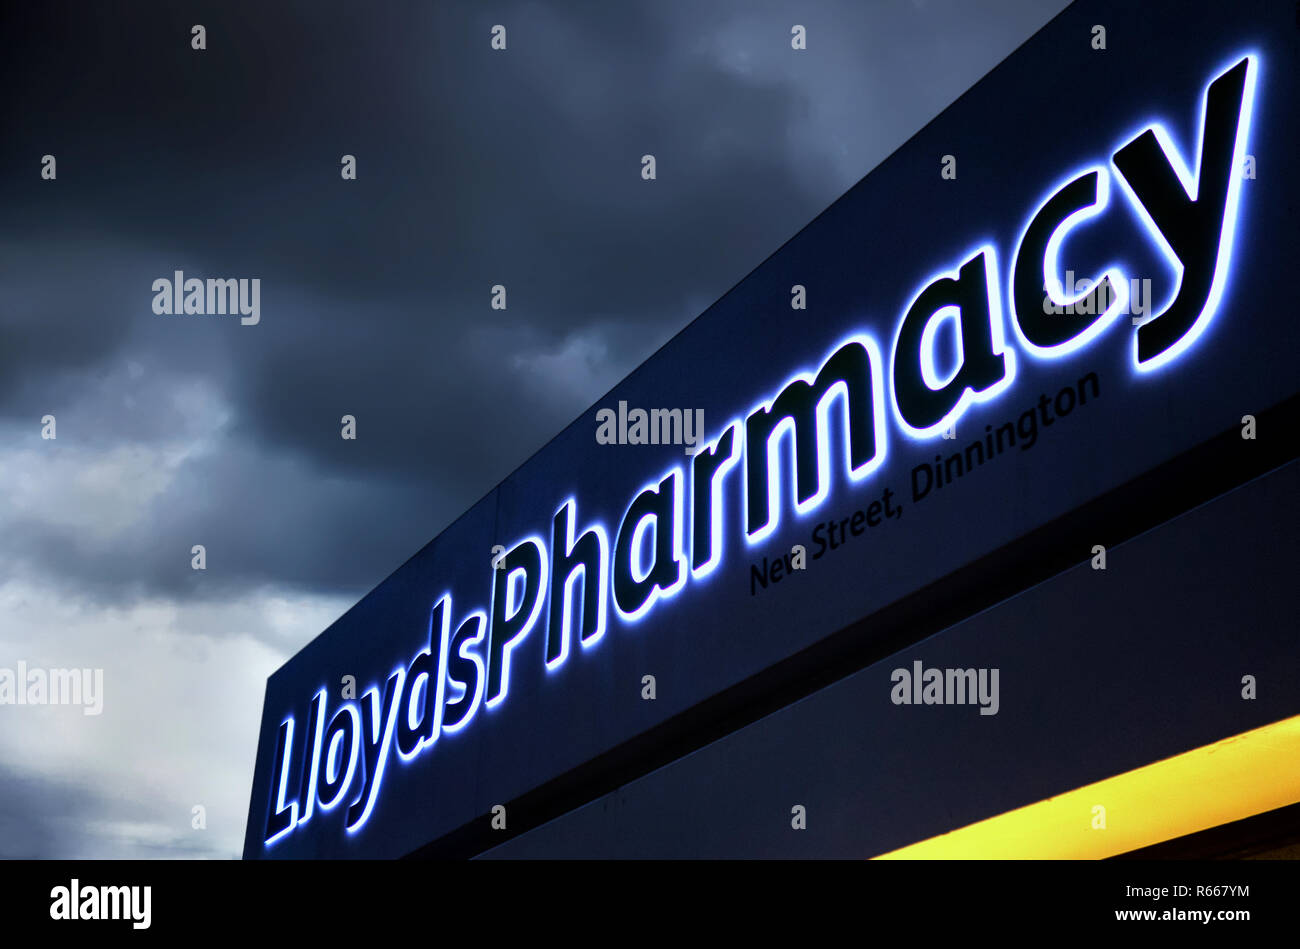 illuminated Lloyds chemist sign at dusk in Dinnington, Rotherham UK - Stock Image